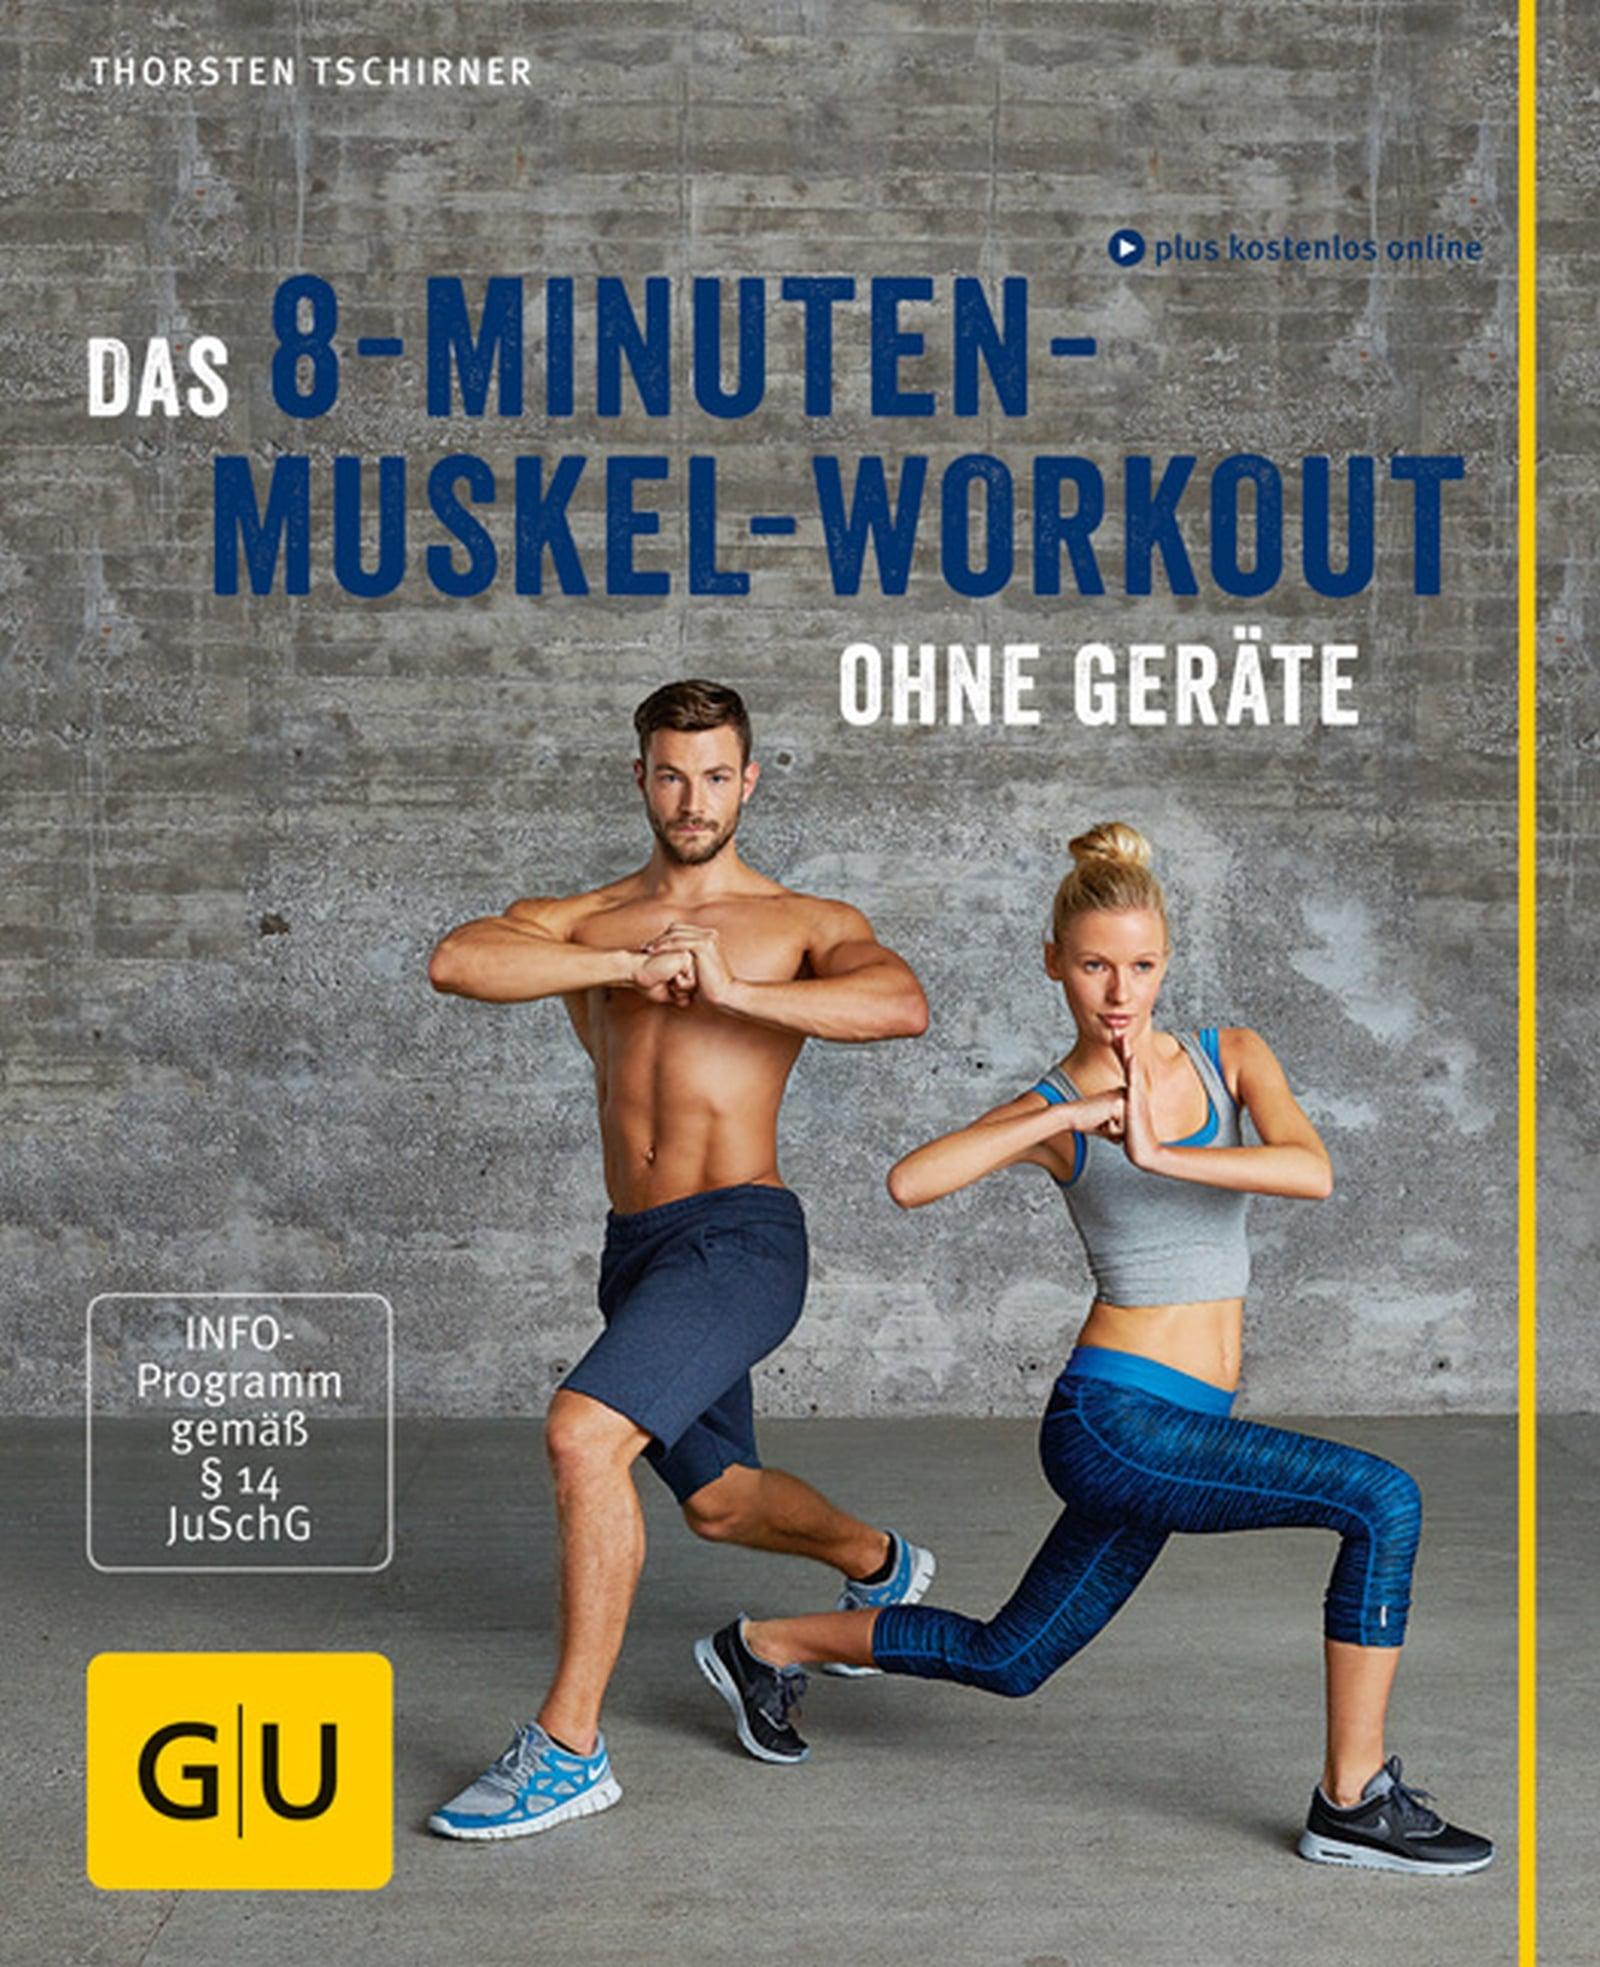 Das 8-Minuten-Muskel-Workout ohne Geräte